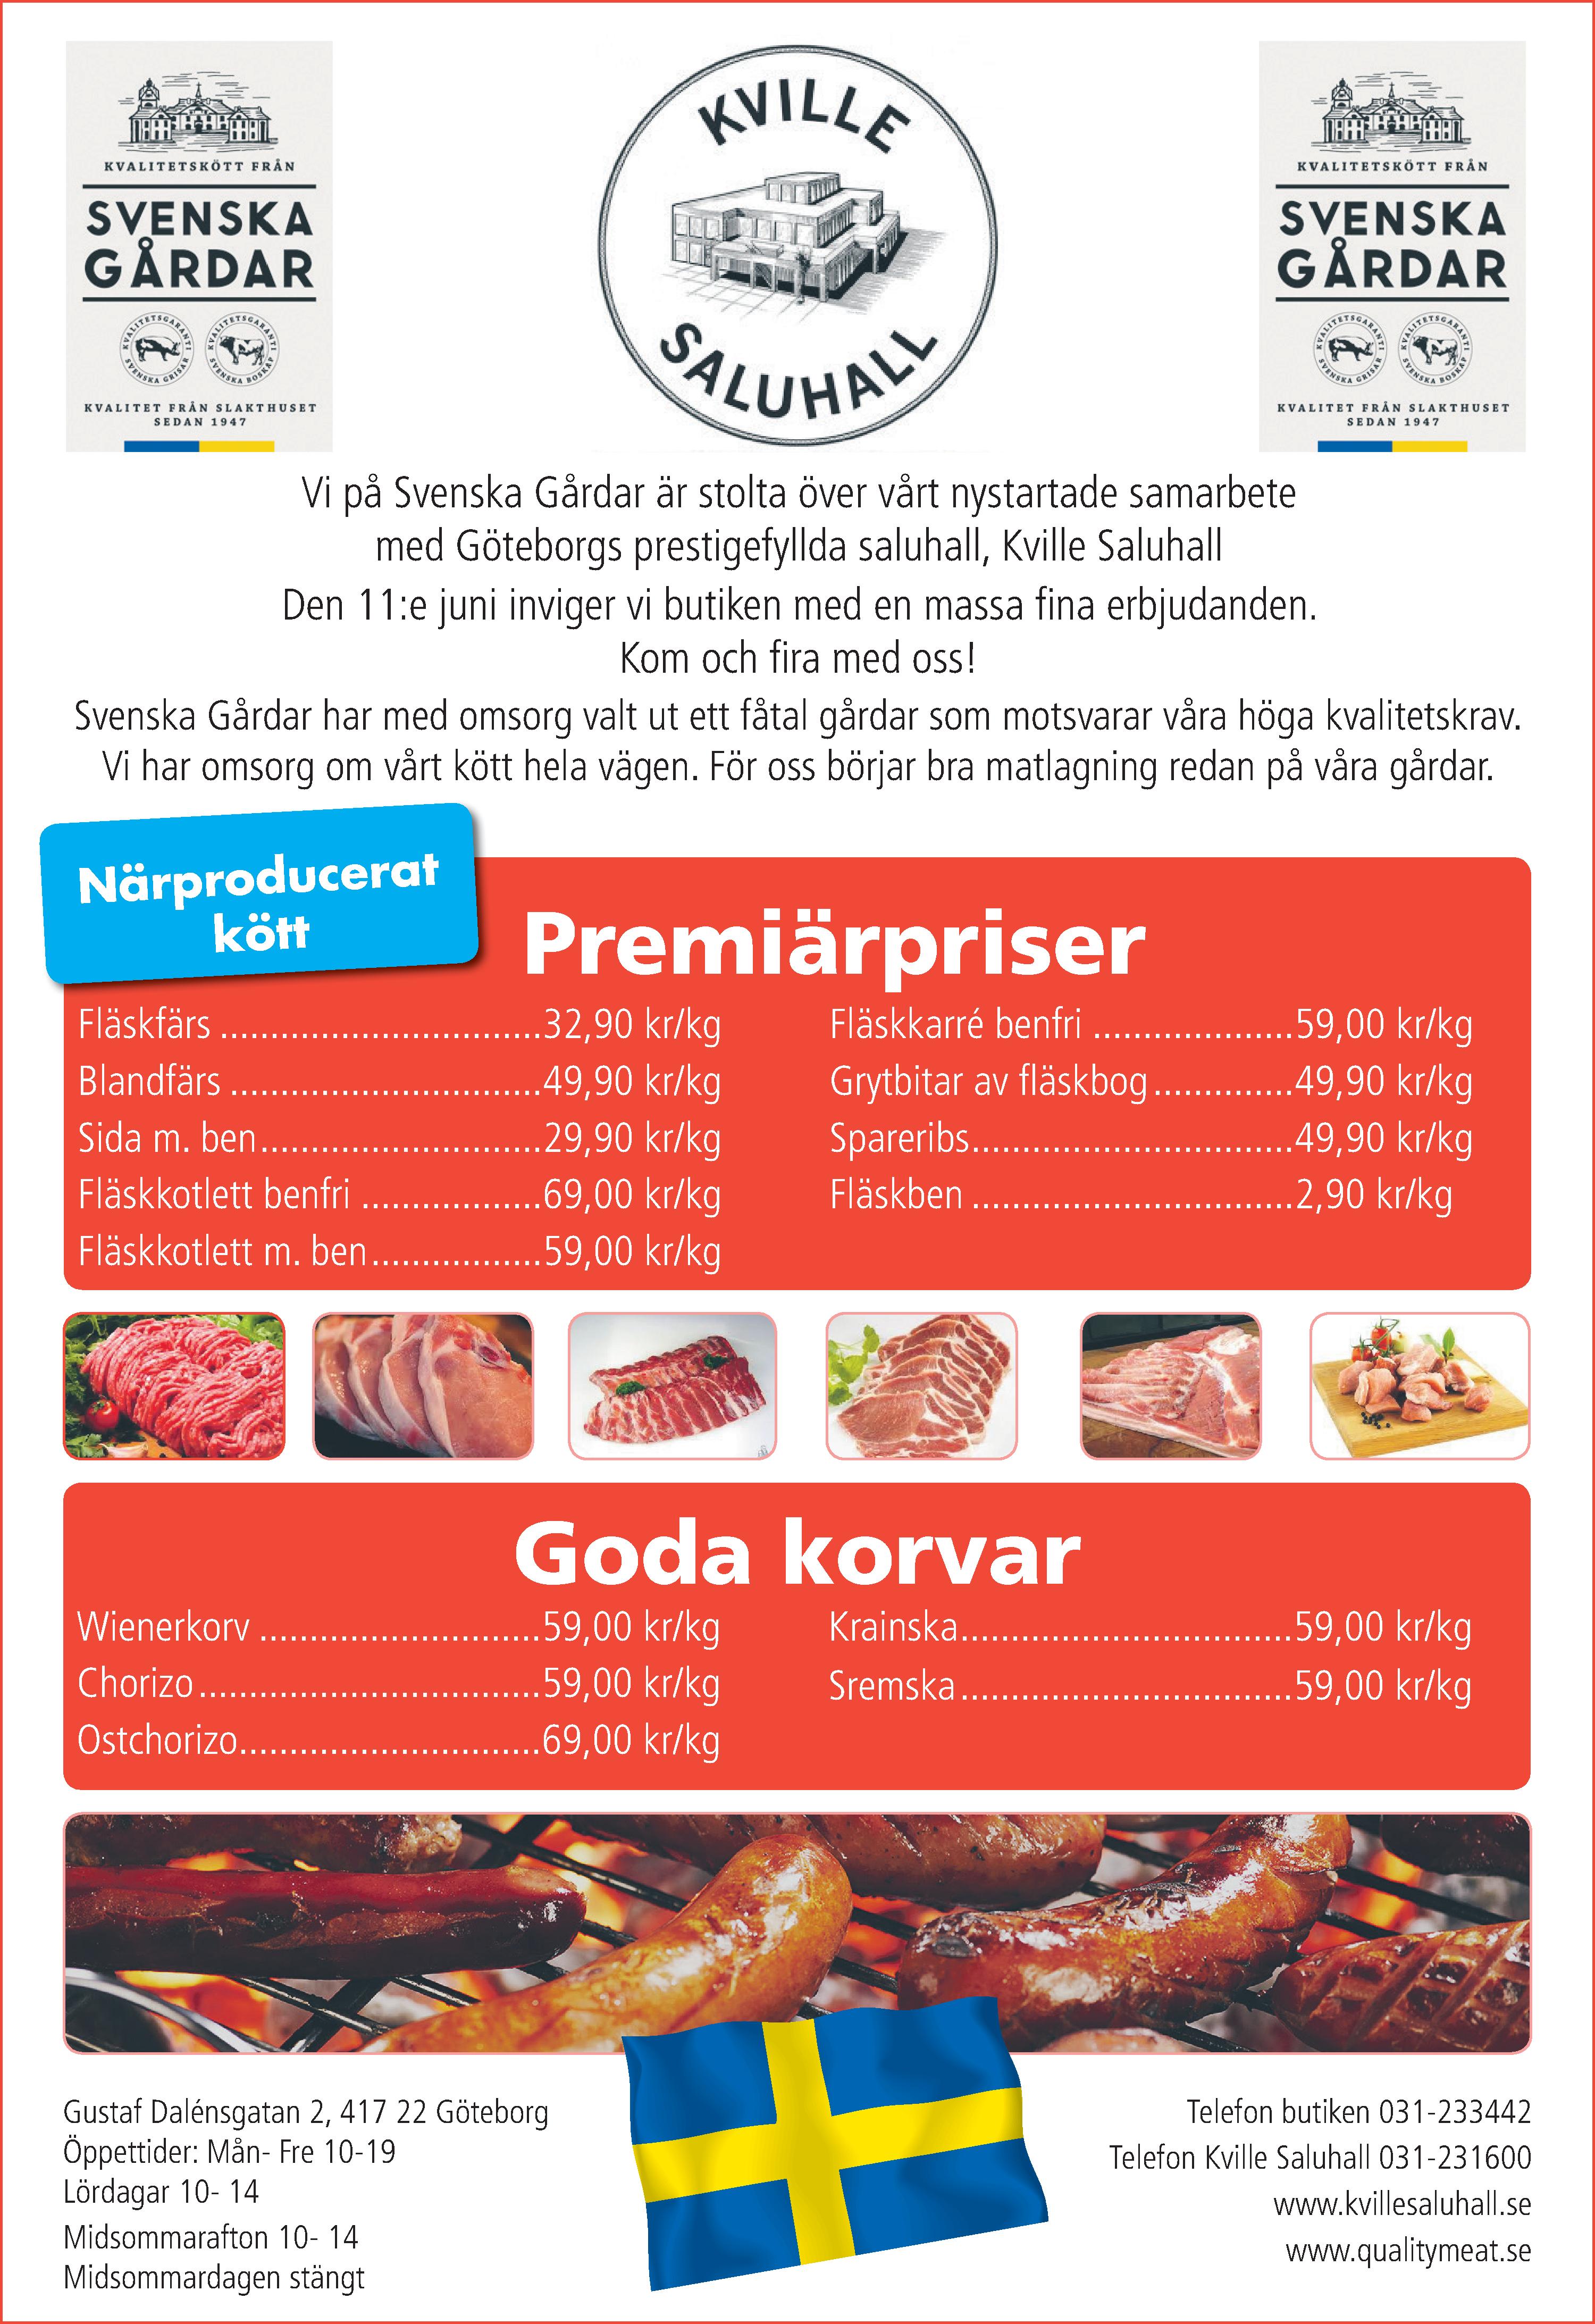 SVENSKA GÅRDAR ANNONS1